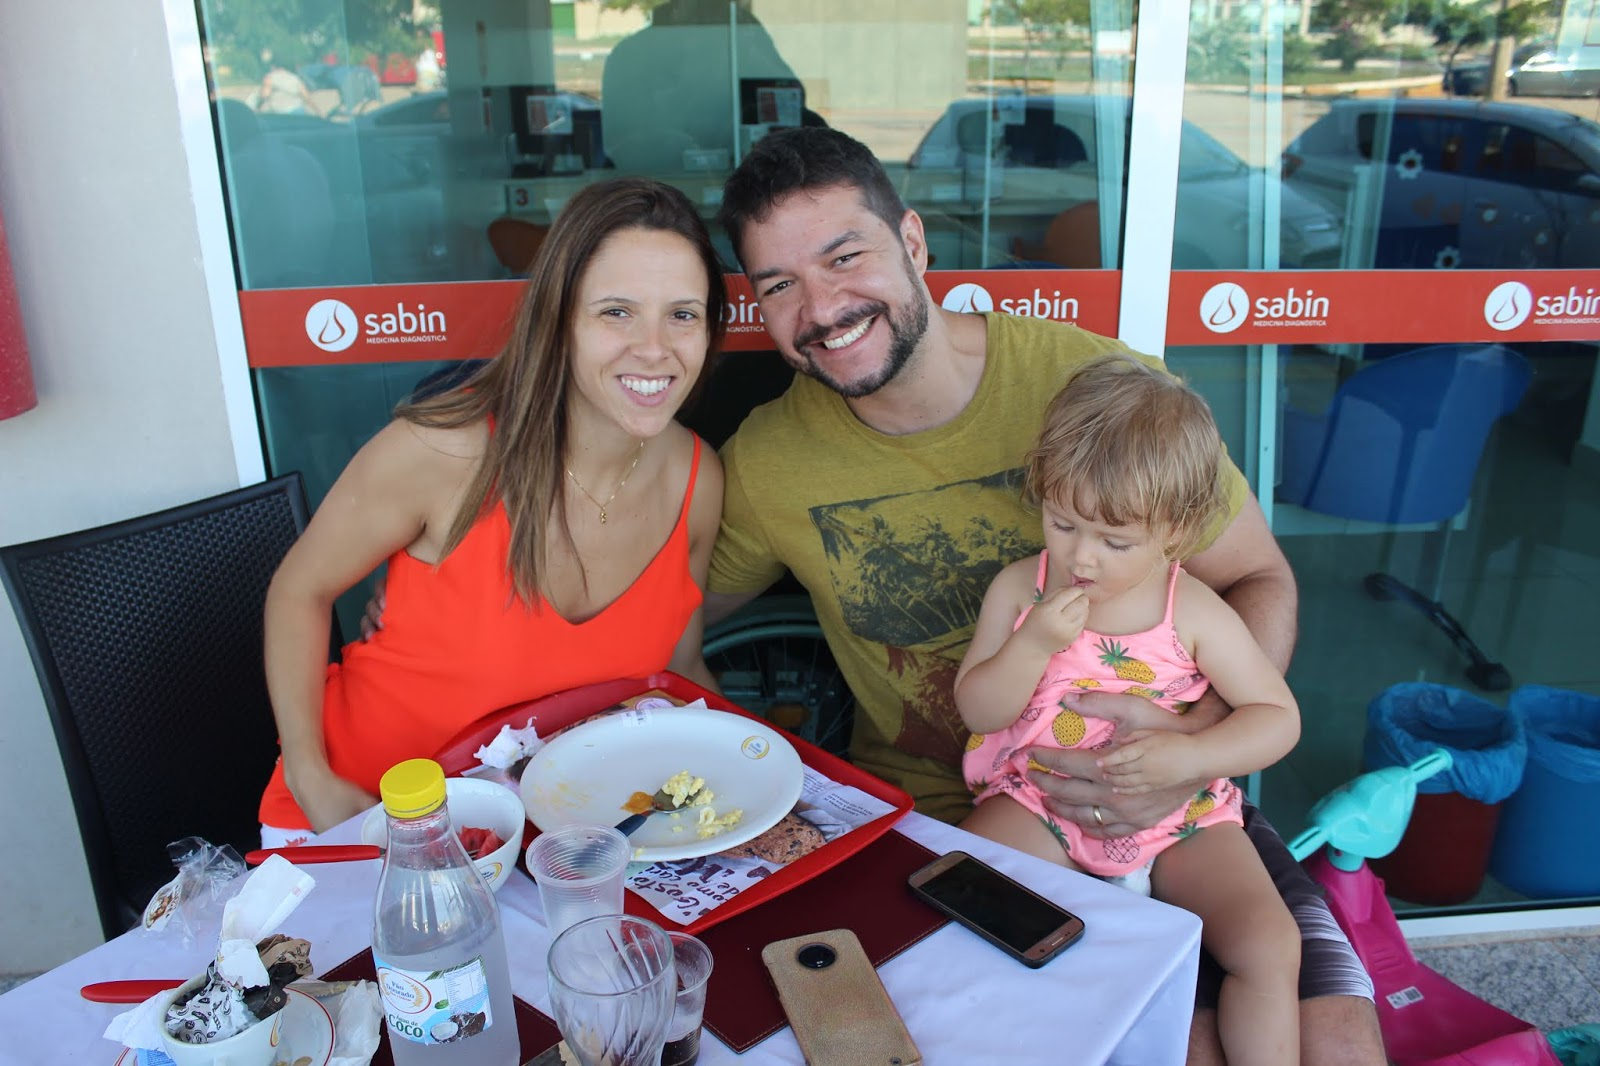 IMG 3644 - Dia 12 de maio dia das Mães no Jardins Mangueiral foi com muta diverção e alegria com um lindo café da manha